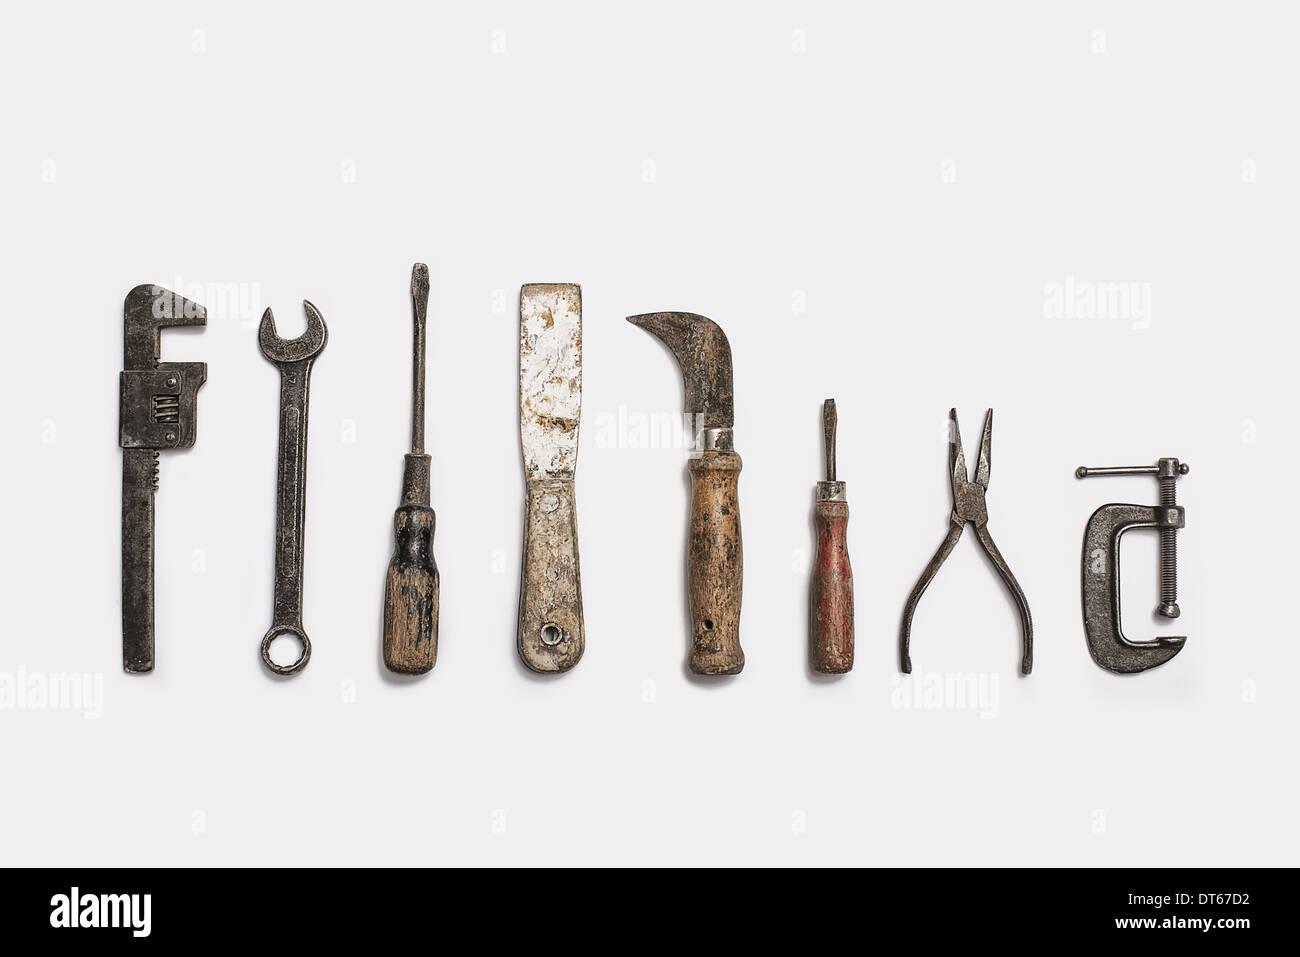 Utiliza herramientas dispuestas en una fila. Bien utilizados, desgastados, asas de madera en forma de textura suave. Foto de stock